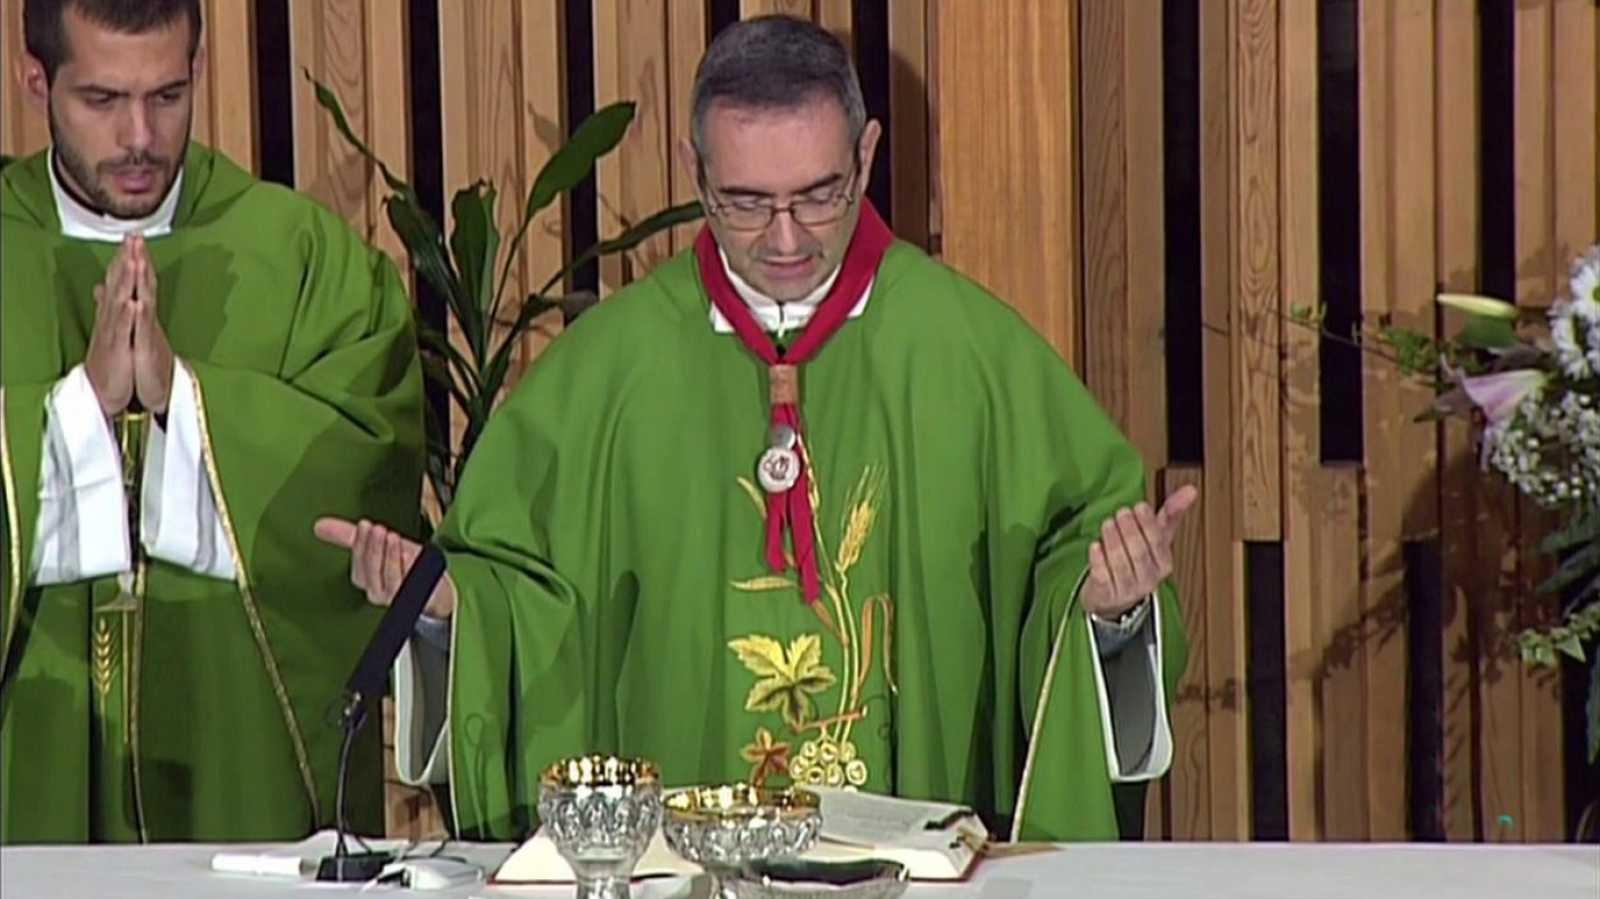 El día del Señor - Parroquia Nuestra Señora de Moratalaz, Madrid - ver ahora